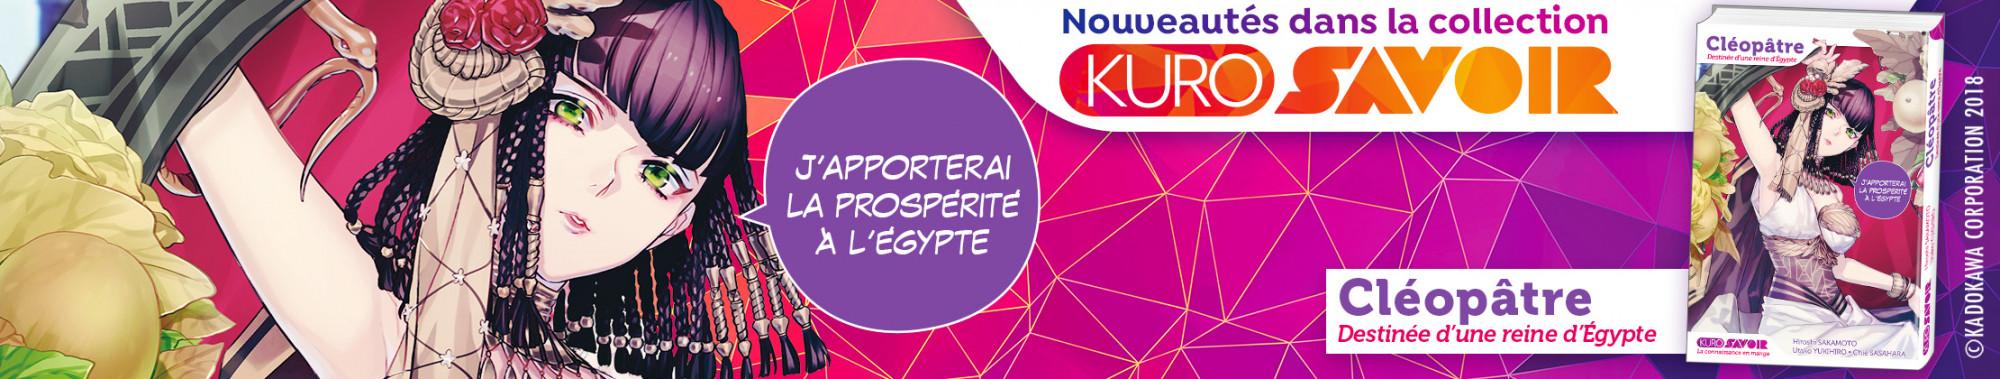 Bannière - KUROKAWA - Cléopâtre, destinée d'une reine d'Egypte